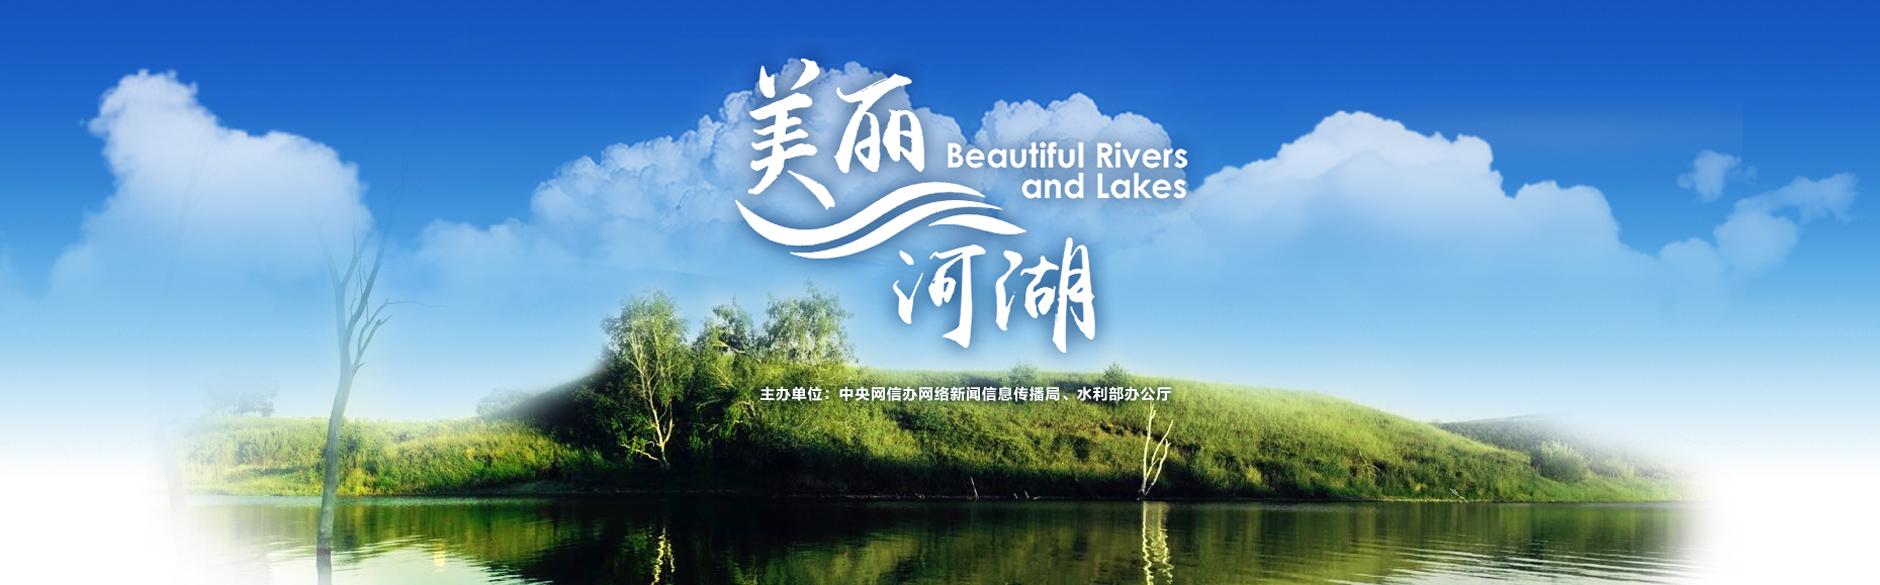 美丽河湖.jpg